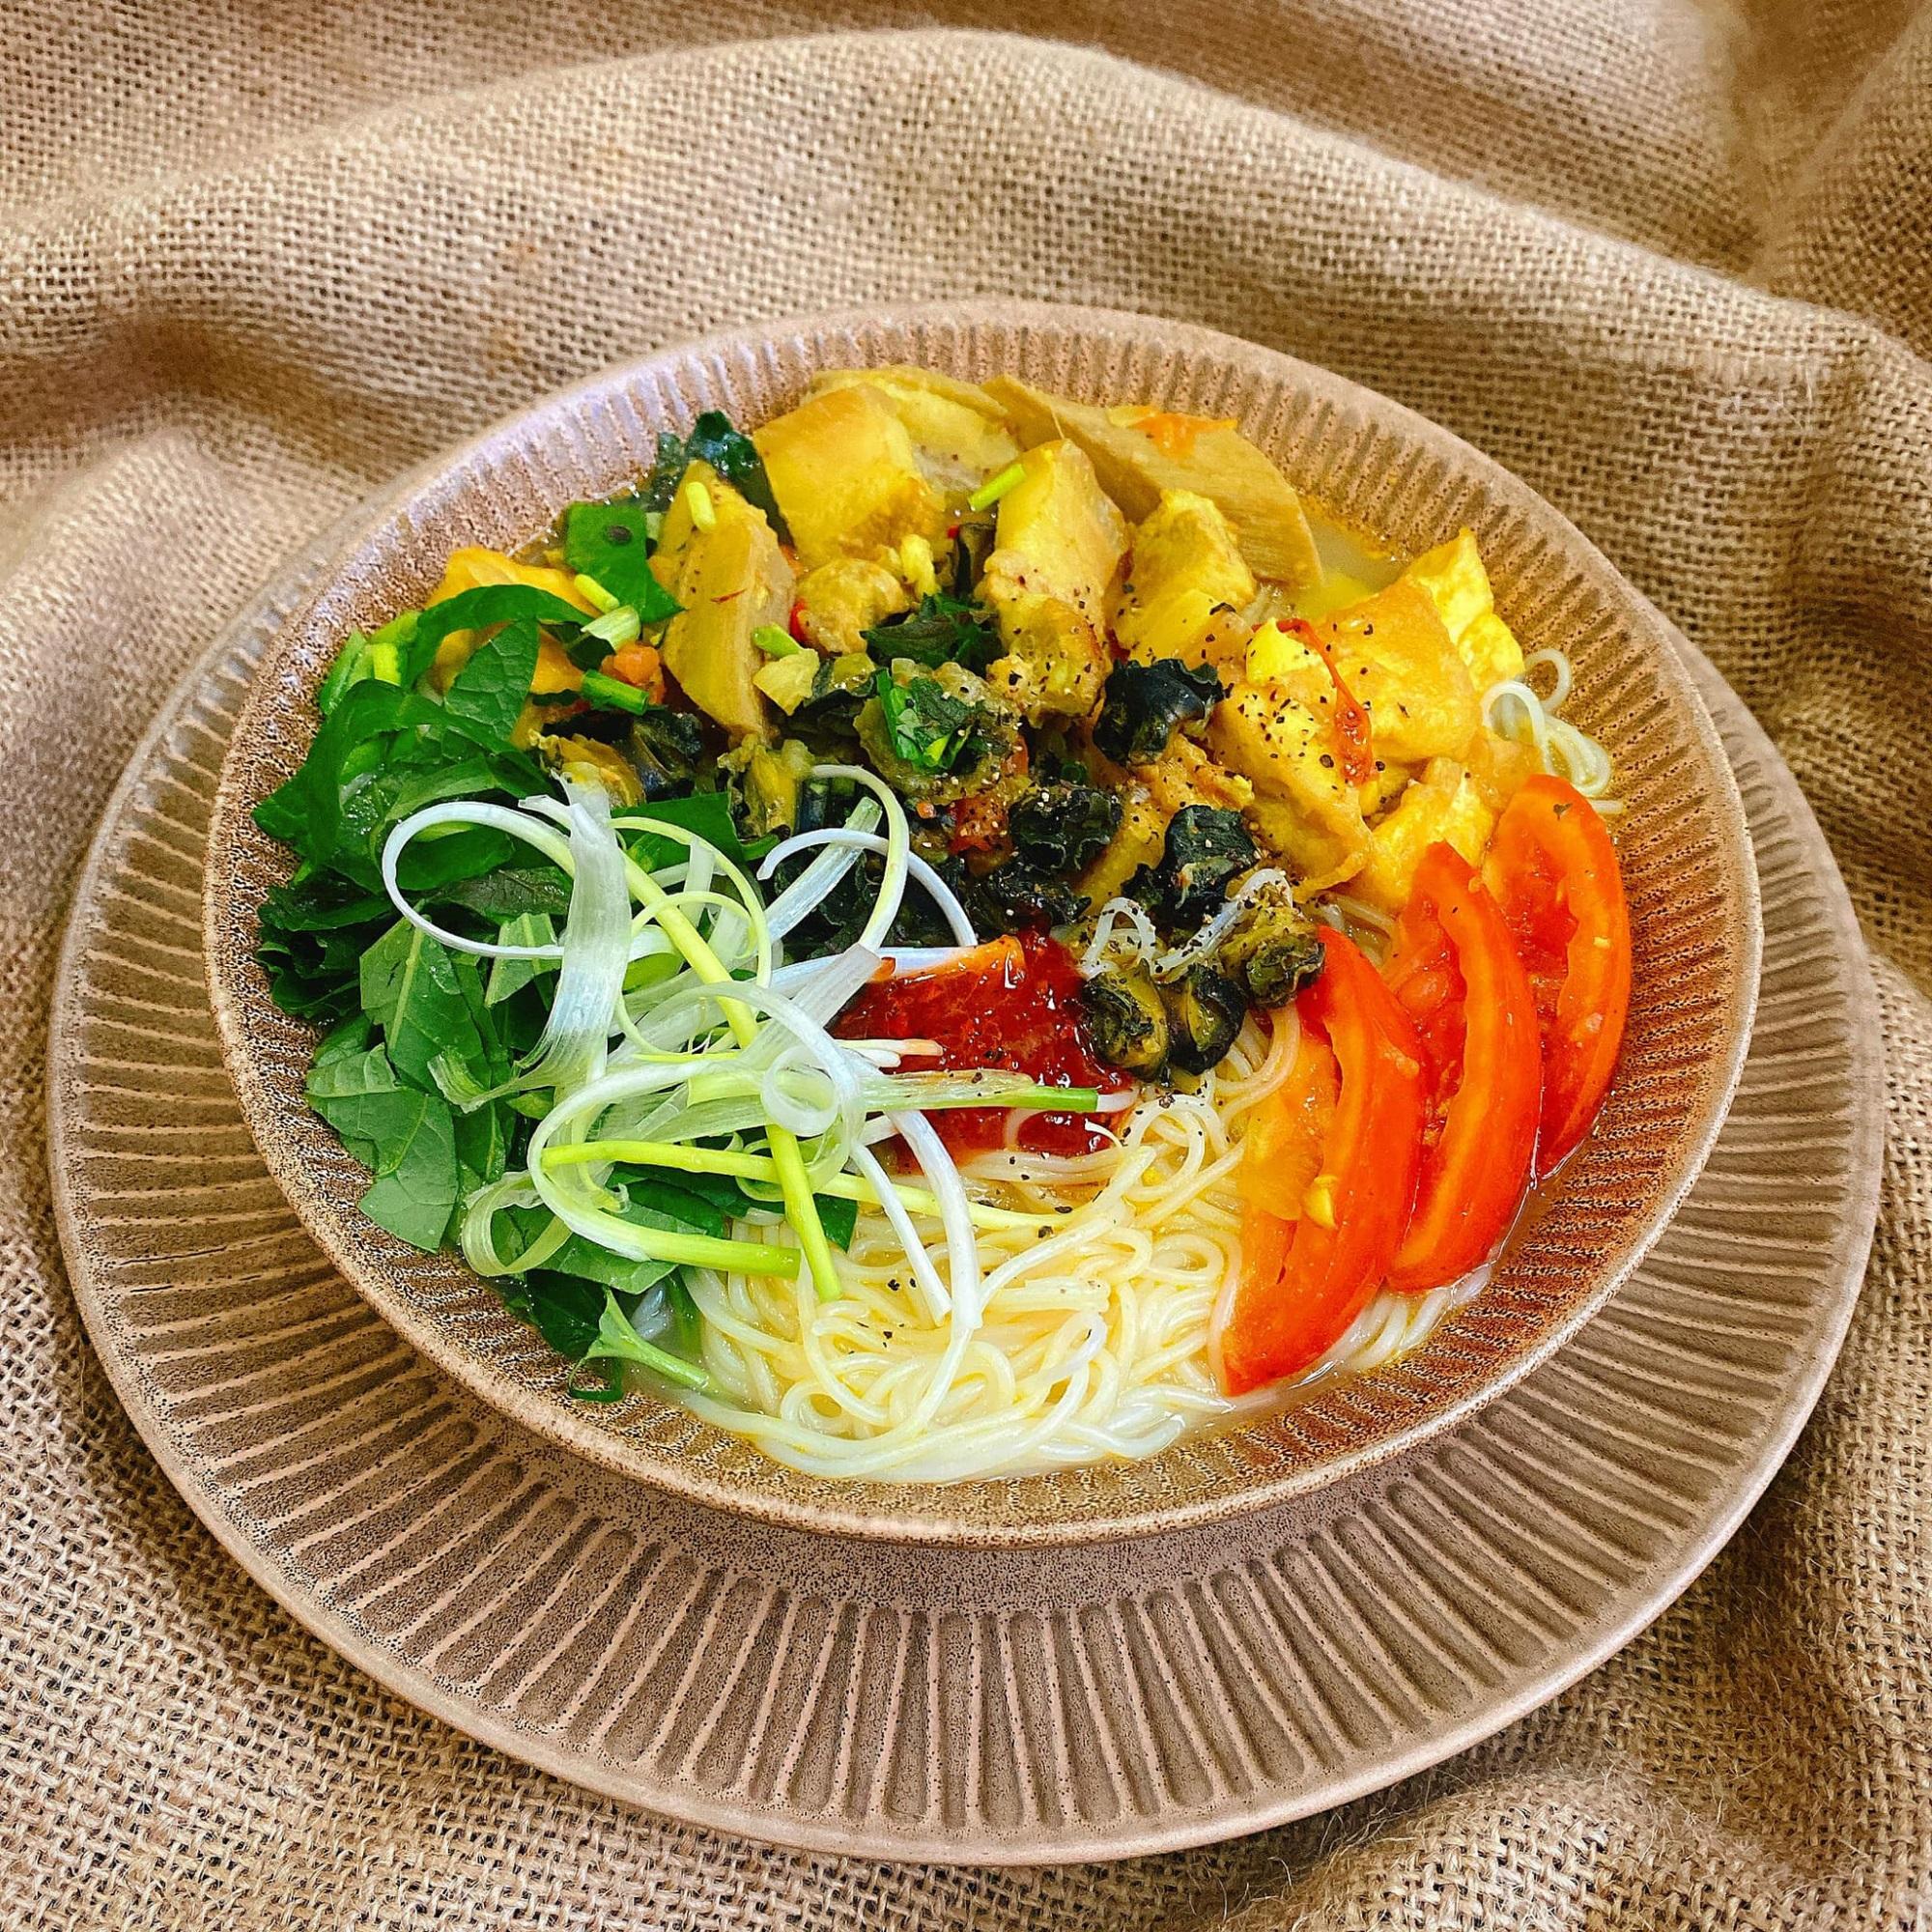 15 thực đơn ăn sáng ngon-bổ-rẻ cho cả gia đình trong những ngày giãn cách, chị em vào bếp trổ tài cả nhà mê tít - Ảnh 4